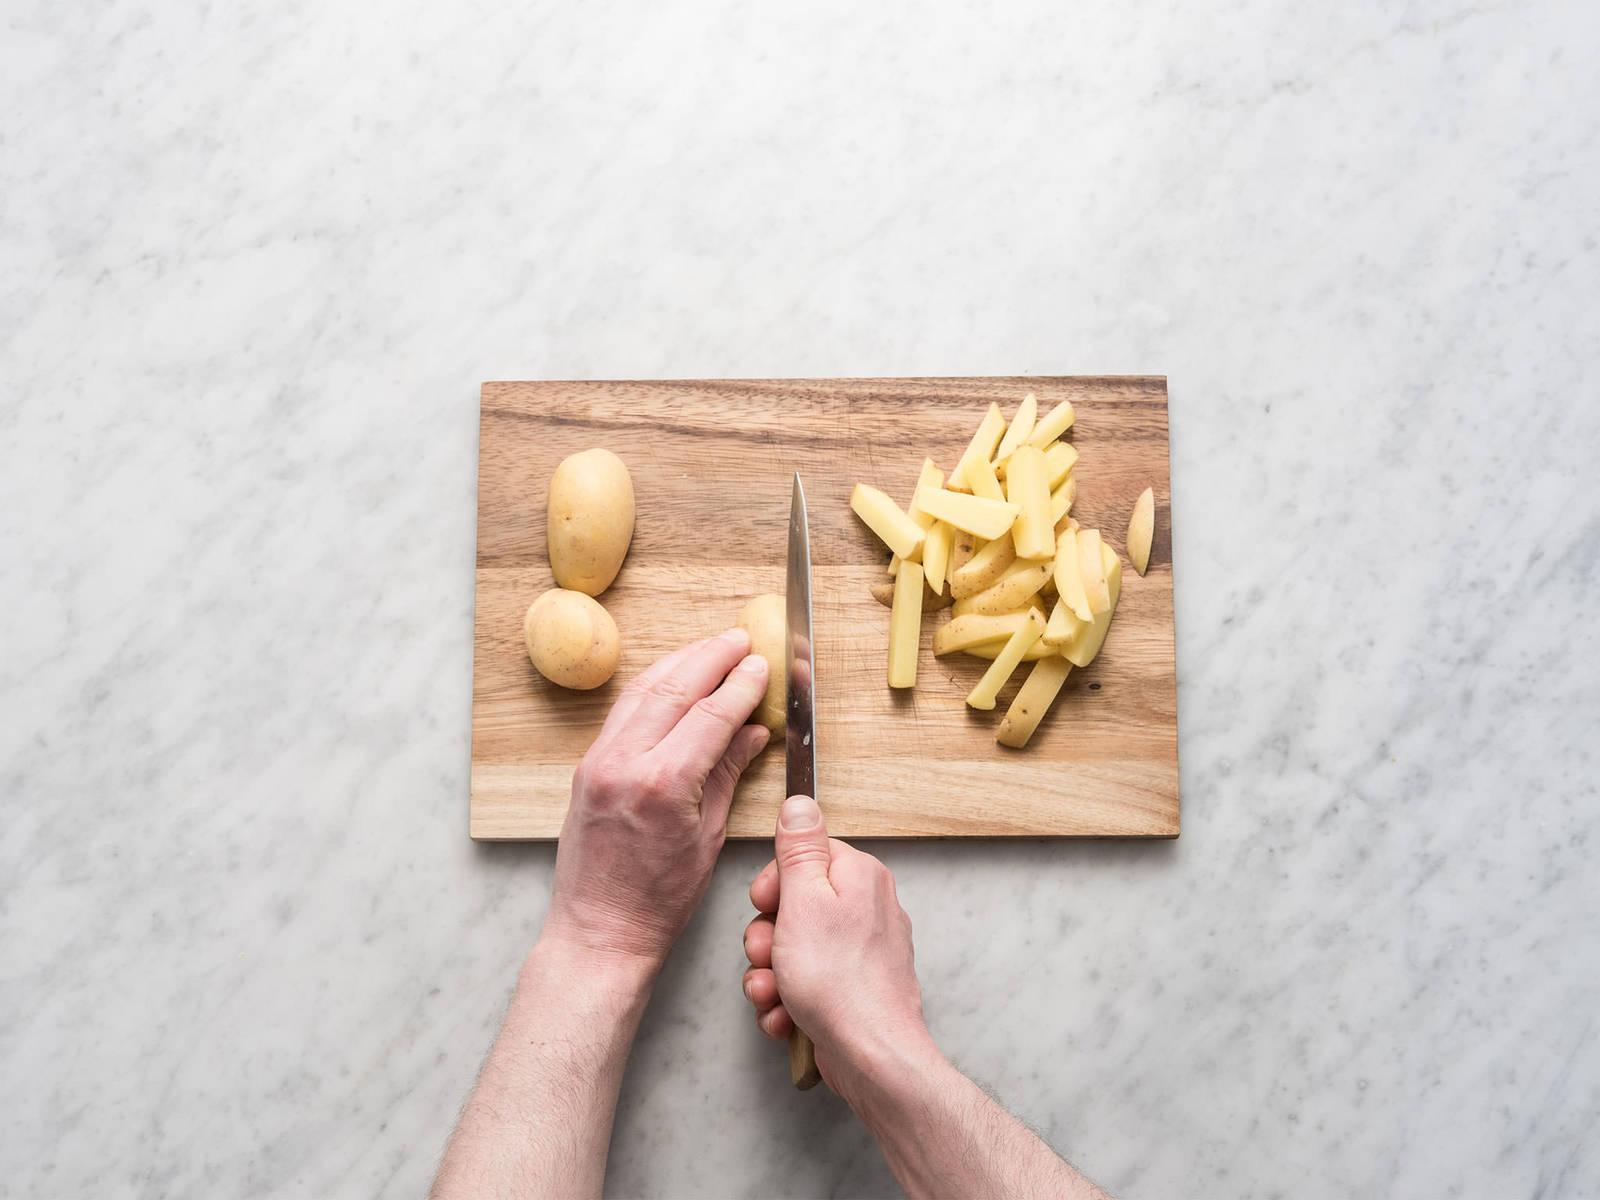 Backofen auf 200°C vorheizen. Kartoffeln in dünne Pommes Frites schneiden. Mit Olivenöl, Currypulver, Muskatnuss und Räuchersalz in einer großen Schüssel vermengen. Auf ein mit Backpapier ausgelegtes Backblech geben und im vorgeheizten Backofen unter gelegentlichem Wenden bei 200°C ca. 25 – 30 Min. knusprig backen.